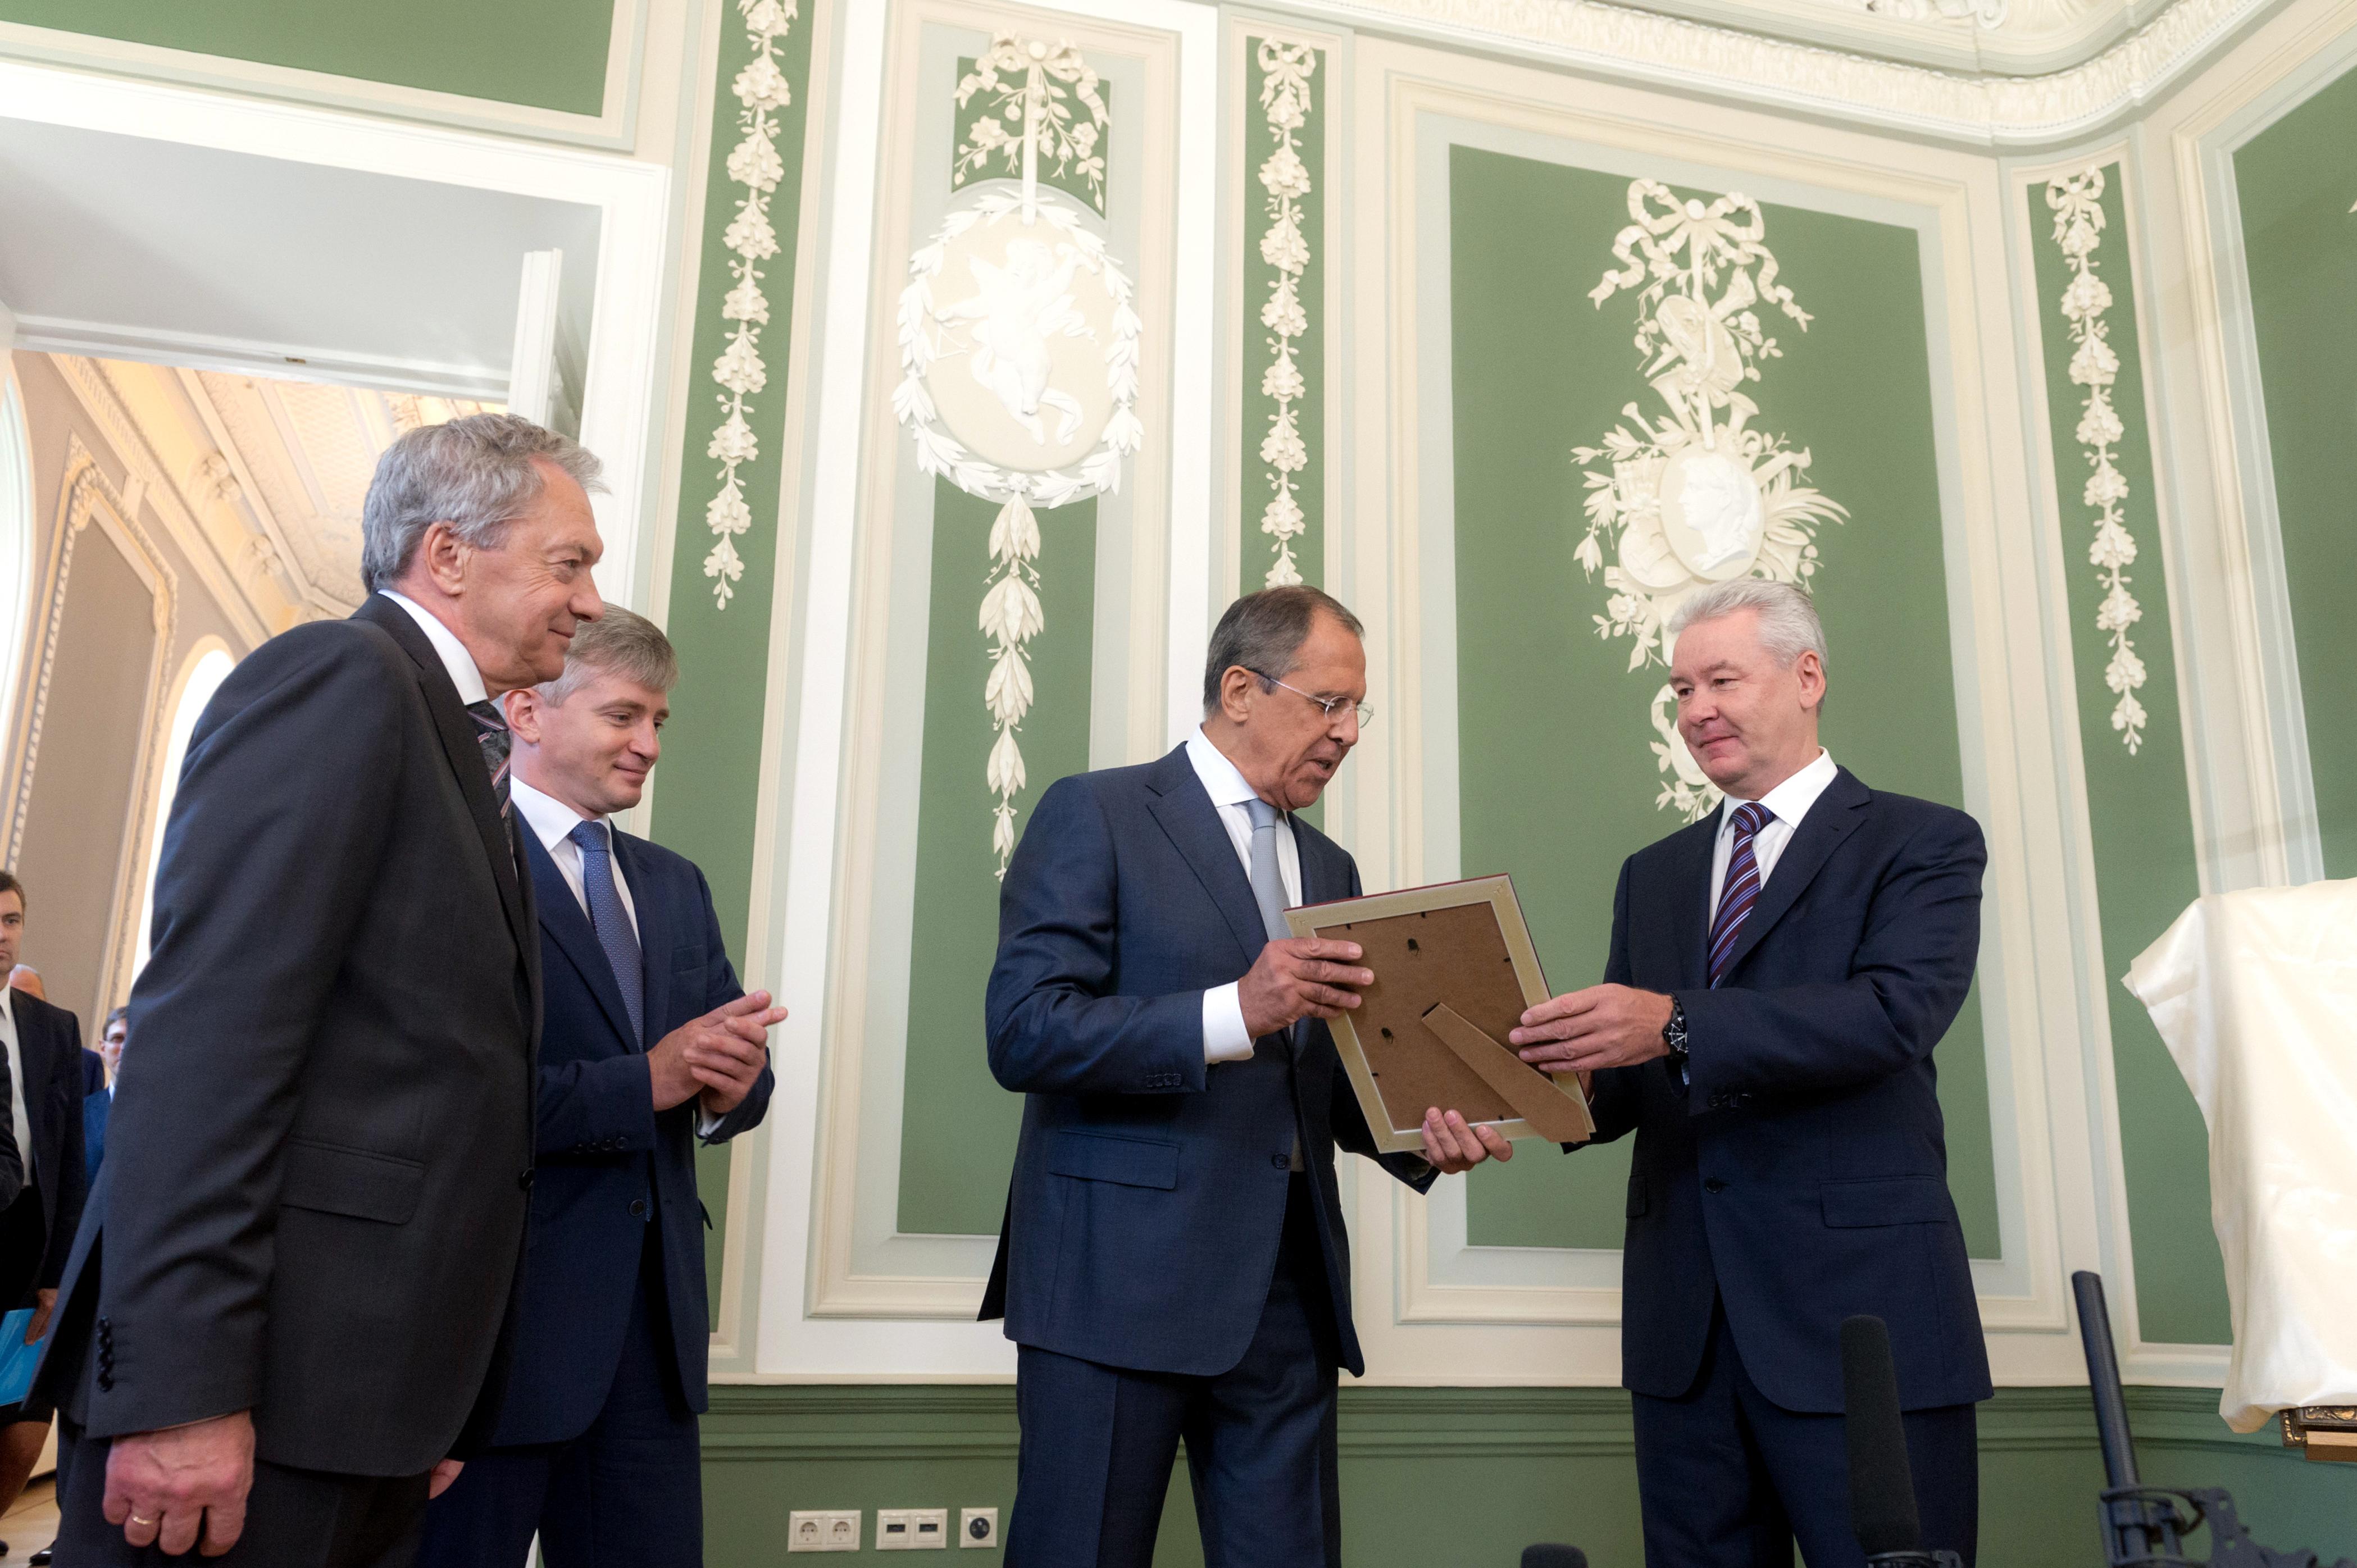 Сергей Лавров и Сергей Собянин во время посещения усадьбы Суворовых